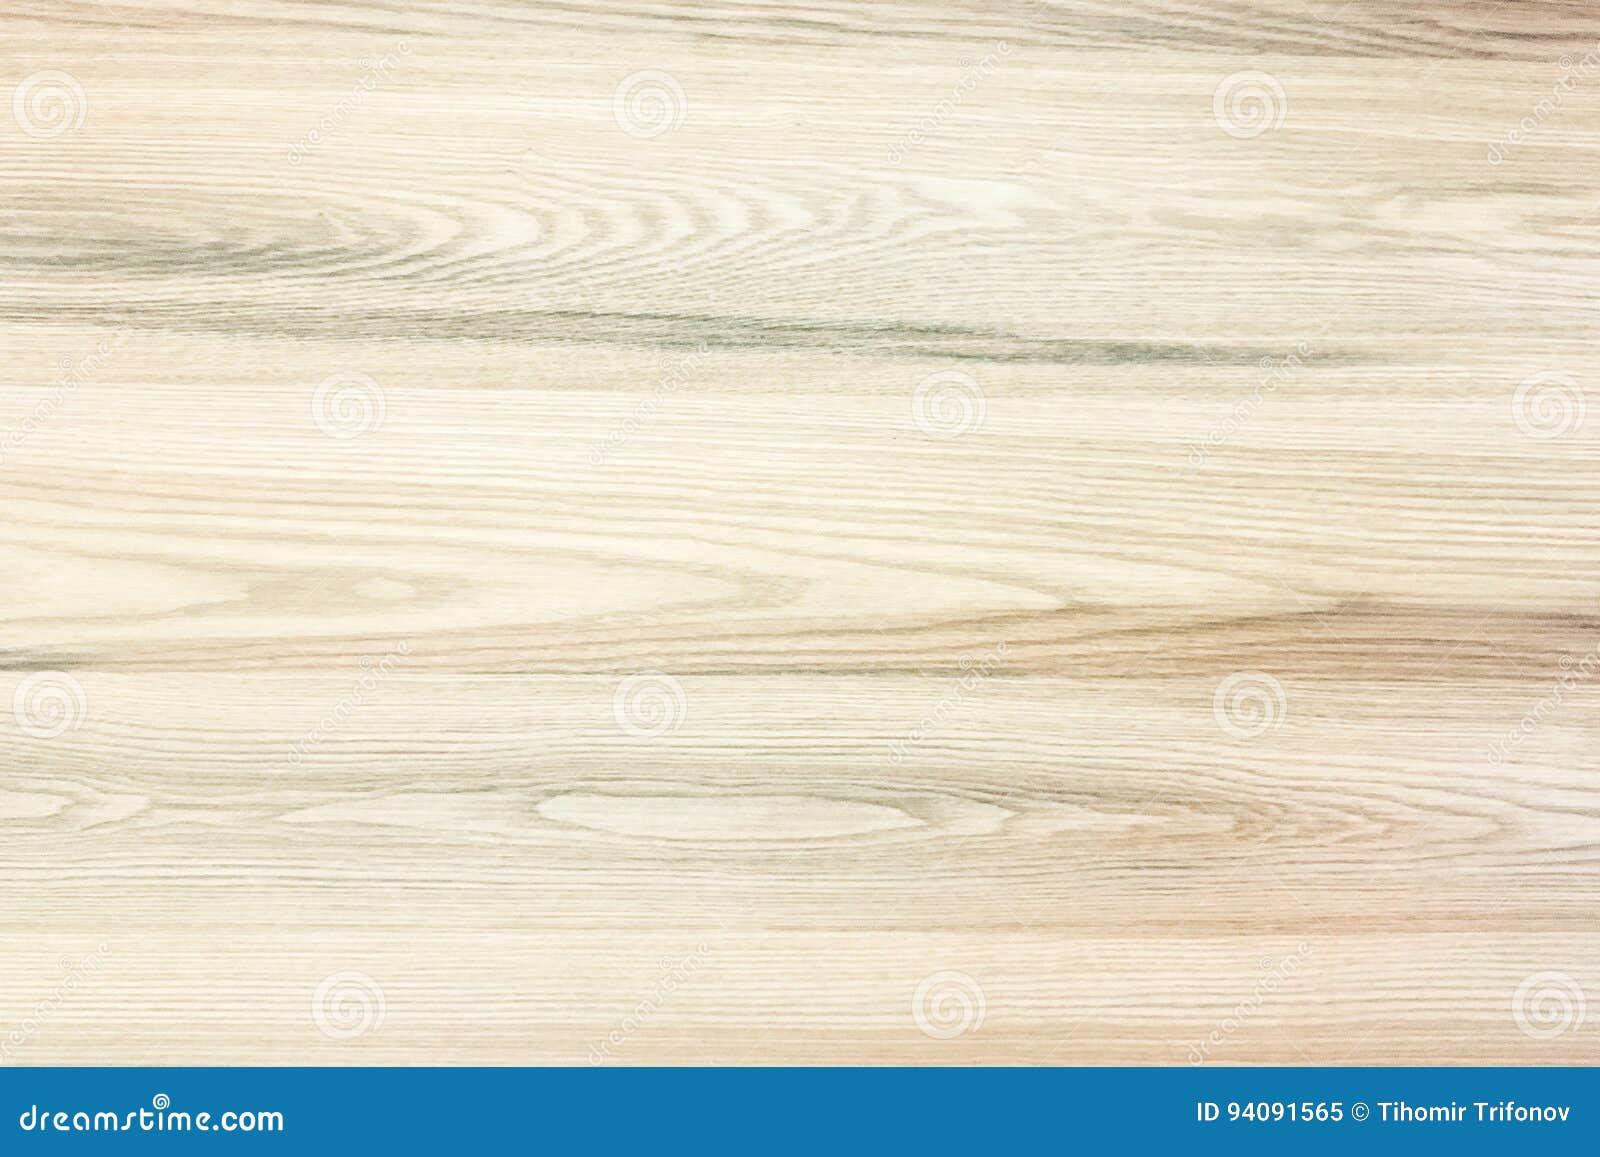 Texture En Bois Organique Blanche Fond En Bois Clair Vieux Bois Lavé